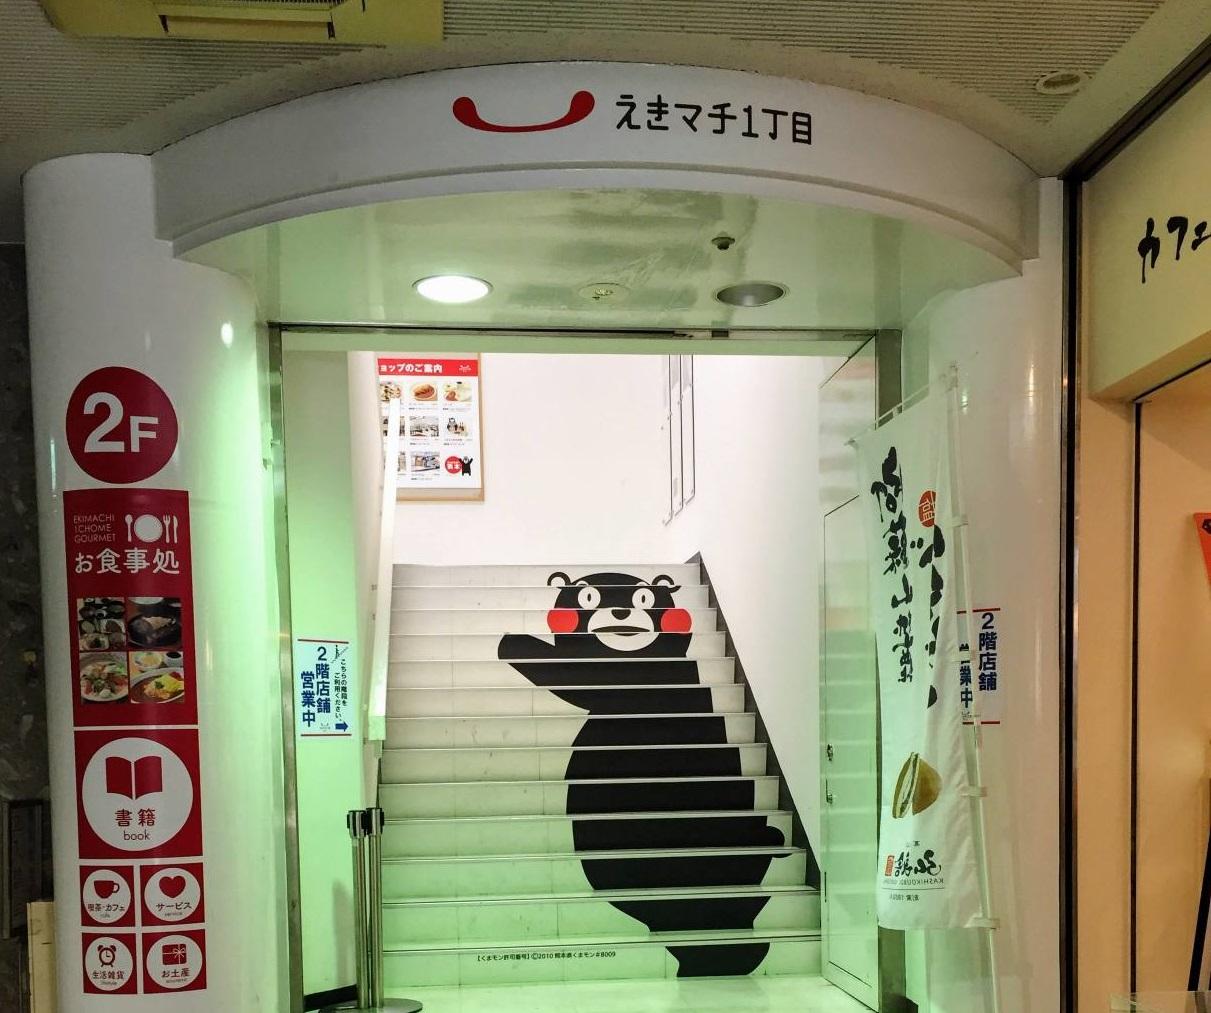 熊本駅から南に各駅下車で観光したら、中々に面白かった